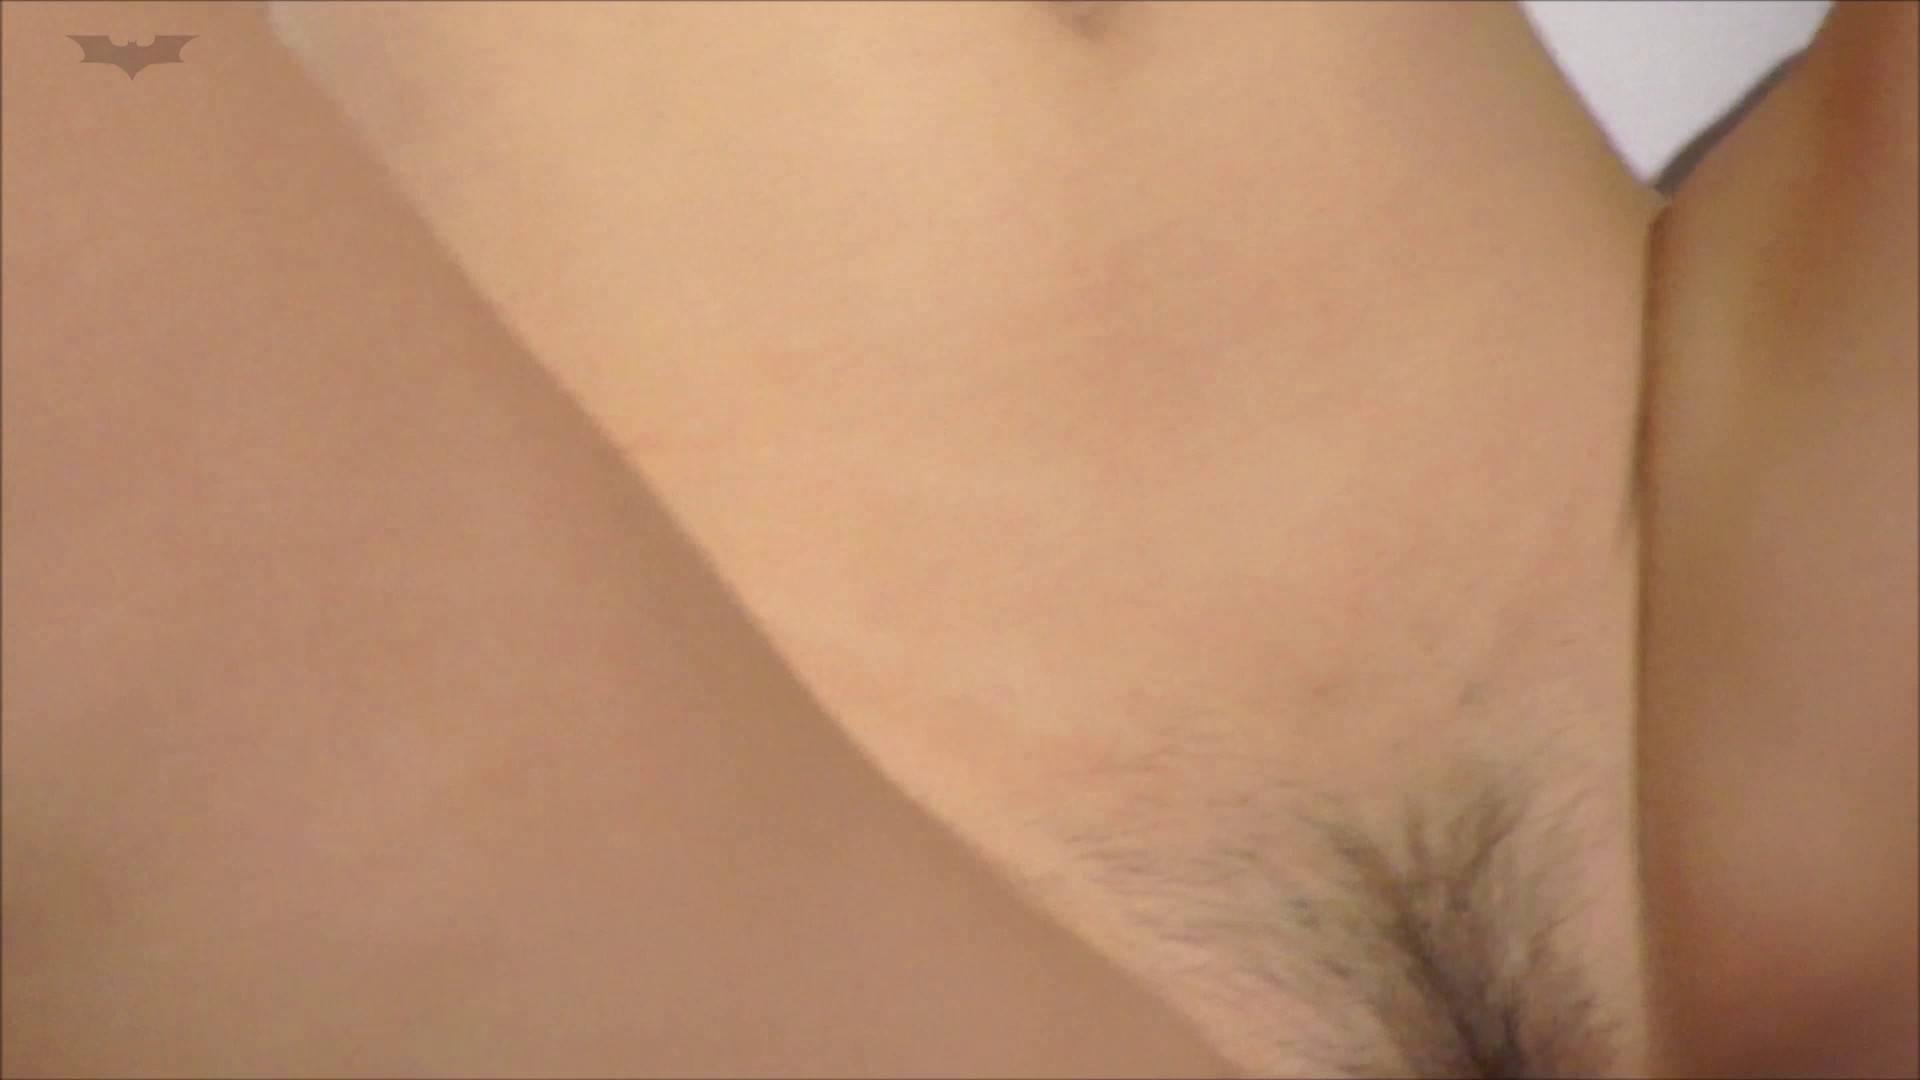 内緒でデリヘル盗撮 Vol.03中編 美肌、美人のデリ嬢にいよいよ挿入! 盗撮  102PIX 87